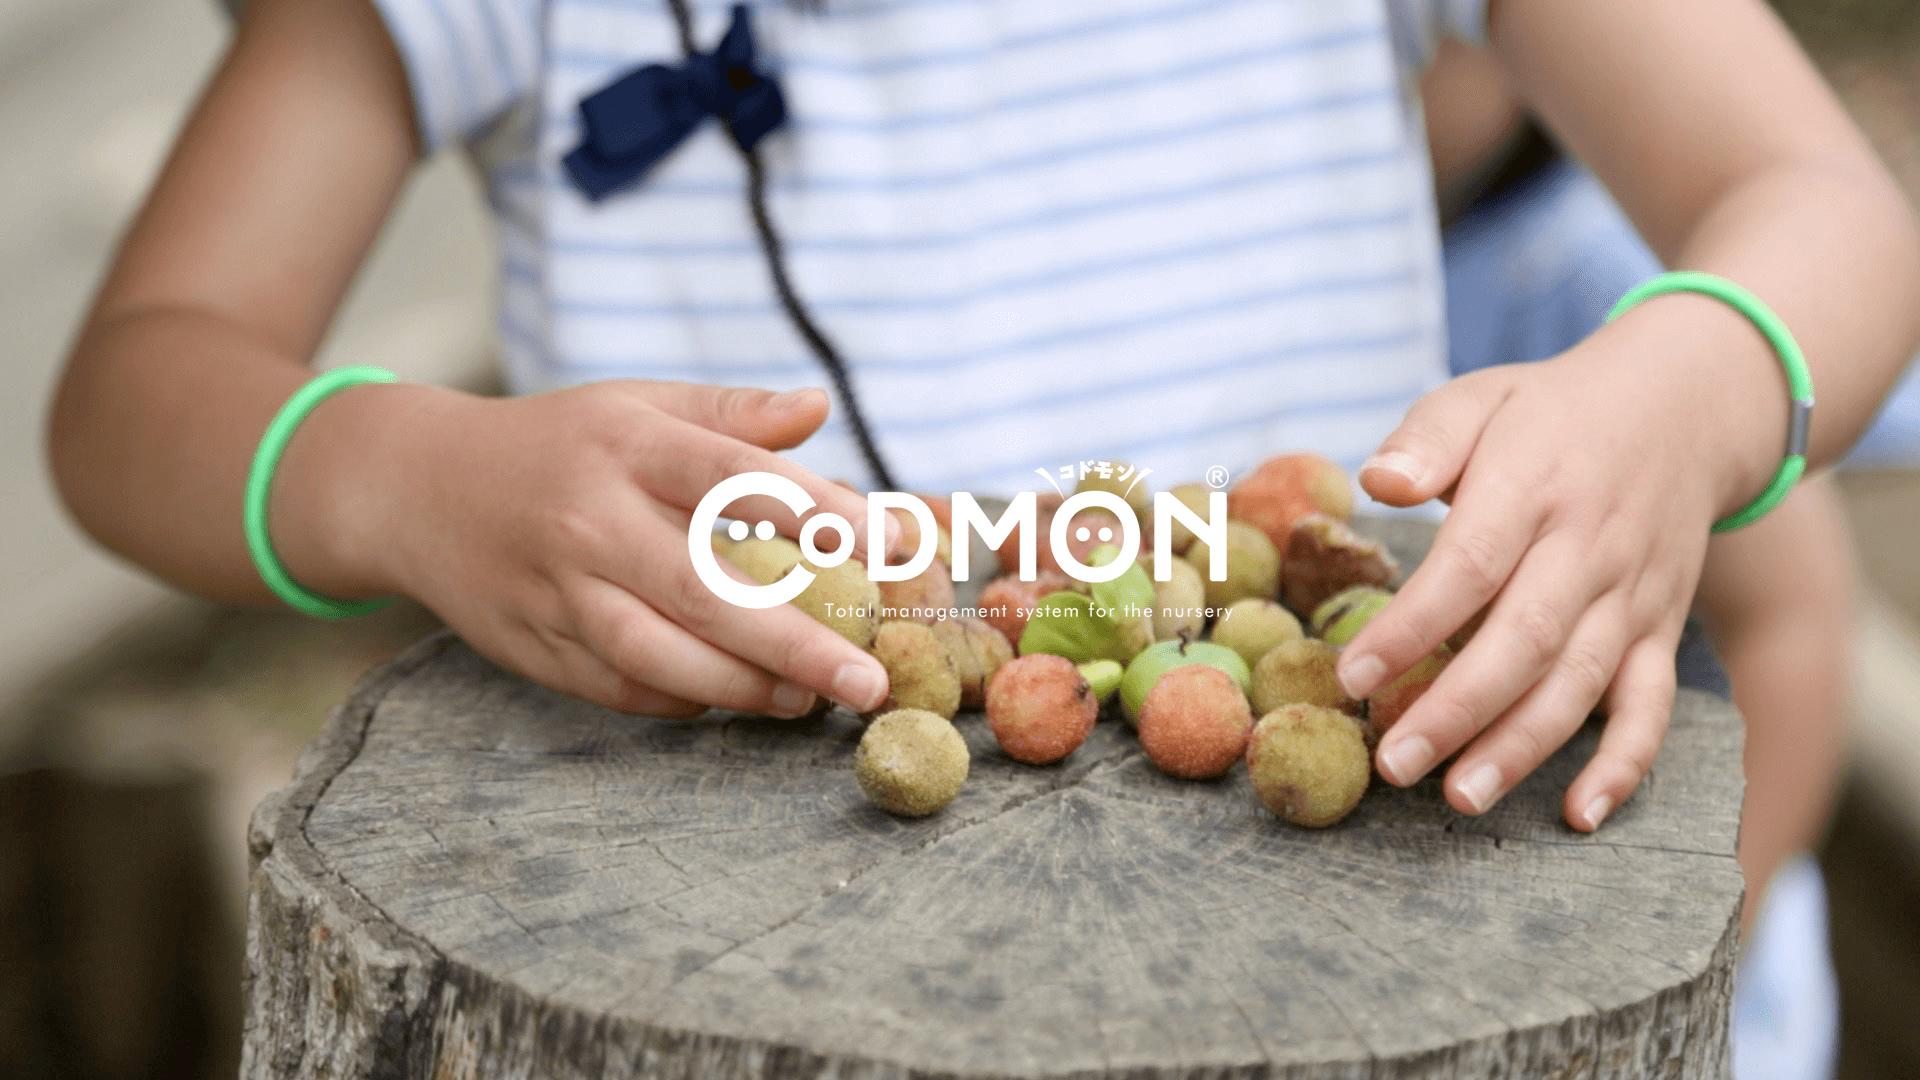 経済産業省「未来の教室」webサイトにてコドモンが紹介されました!